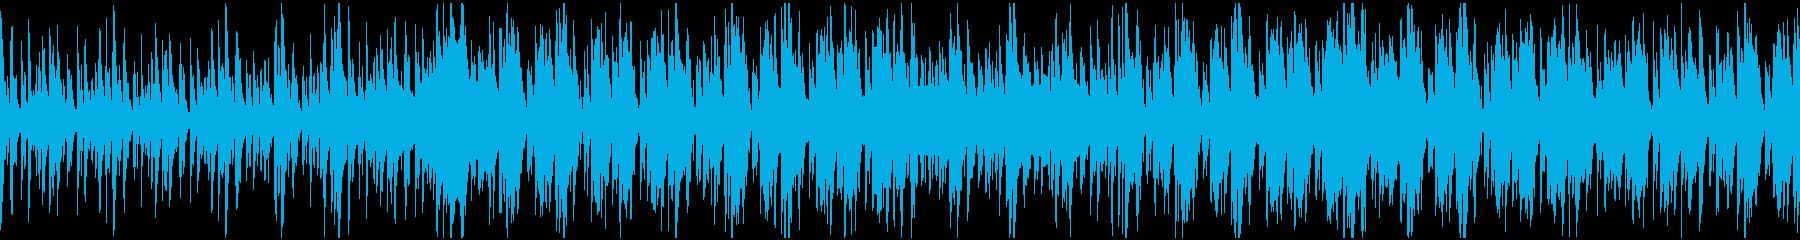 神秘的BGM(アフリカ・古代・儀式)の再生済みの波形